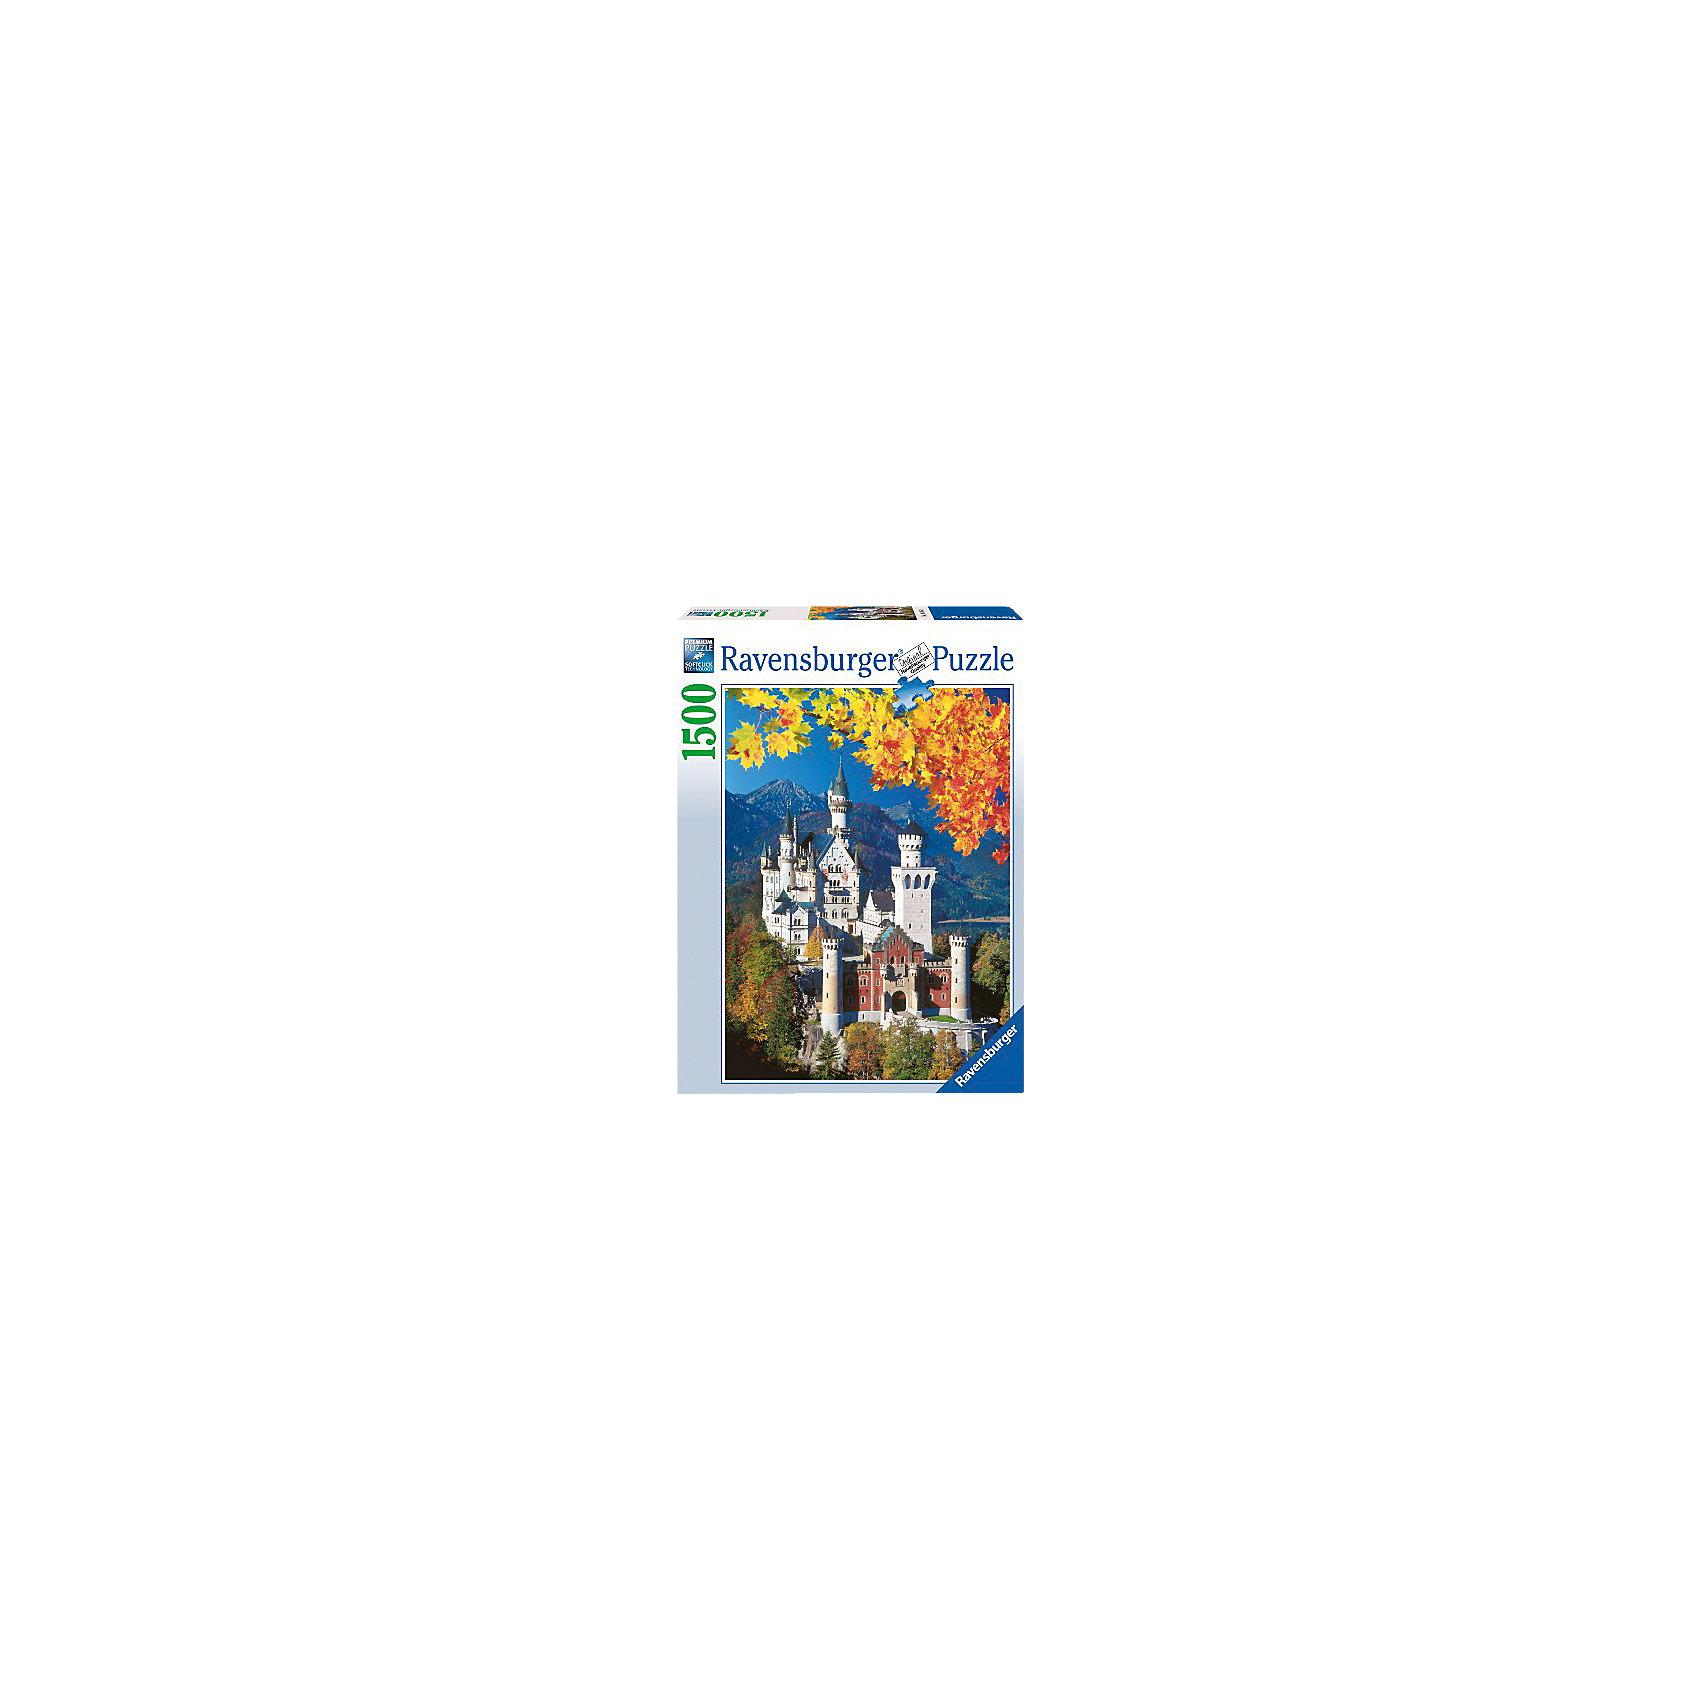 Пазл «Осенний Нойшвандеталейайн» 1500 деталей, RavensburgerСоединив все элементы Пазла «Осенний Нойшвандеталейайн» 1500 деталей, Ravensburger (Равенсбургер), Вы увидите красивую картину с видом всемирно известного дворца Нойшванштайн в Германии. На картинке этот один из самых красивых замков изображен на фоне осенней природы Альпийских гор. Готовое изображение станет оригинальным украшением комнаты!<br><br>Характеристики:<br>-Элементы идеально соединяются друг с другом, не отслаиваются с течением времени<br>-Высочайшее качество картона и полиграфии <br>-Матовая поверхность исключает отблески<br>-Развивает: память, мышление, внимательность, усидчивость, мелкая моторика, восприятие форм и цветов<br>-Занимательное времяпрепровождение для всей семьи<br>-Для сохранения в собранном виде можно использовать скотч или специальный клей для пазлов (в комплект не входит)<br><br>Дополнительная информация:<br>-Материал: плотный картон, бумага<br>-Размер собранного пазла: 60х80 см<br>-Размер упаковки: 37x5,5x27 см<br>-Вес упаковки: 1 кг<br><br>Чтобы собрать Пазл «Осенний Нойшвандеталейайн» понадобится несколько вечеров, но увлекательное занятие без сомнений понравится как детям, так и взрослым ценителям этого хобби! <br><br>Пазл «Осенний Нойшвандеталейайн» 1500 деталей, Ravensburger (Равенсбургер) можно купить в нашем магазине.<br><br>Ширина мм: 64<br>Глубина мм: 378<br>Высота мм: 274<br>Вес г: 1040<br>Возраст от месяцев: 144<br>Возраст до месяцев: 228<br>Пол: Унисекс<br>Возраст: Детский<br>Количество деталей: 1500<br>SKU: 2102643